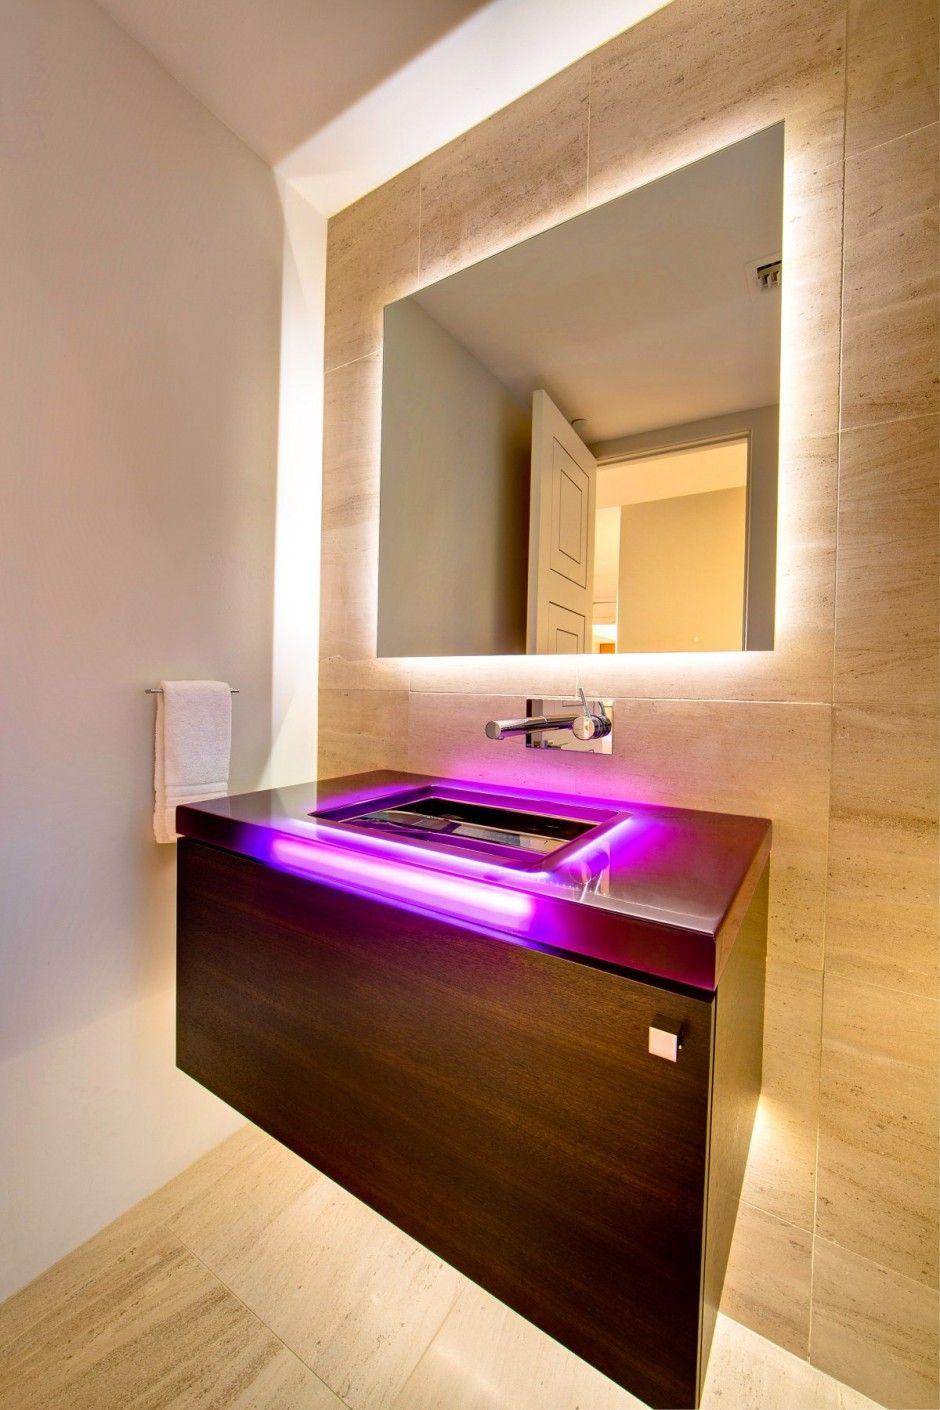 Average Bathroom Vanity Light Height Rukinet – Bathroom Vanity Light with Outlet